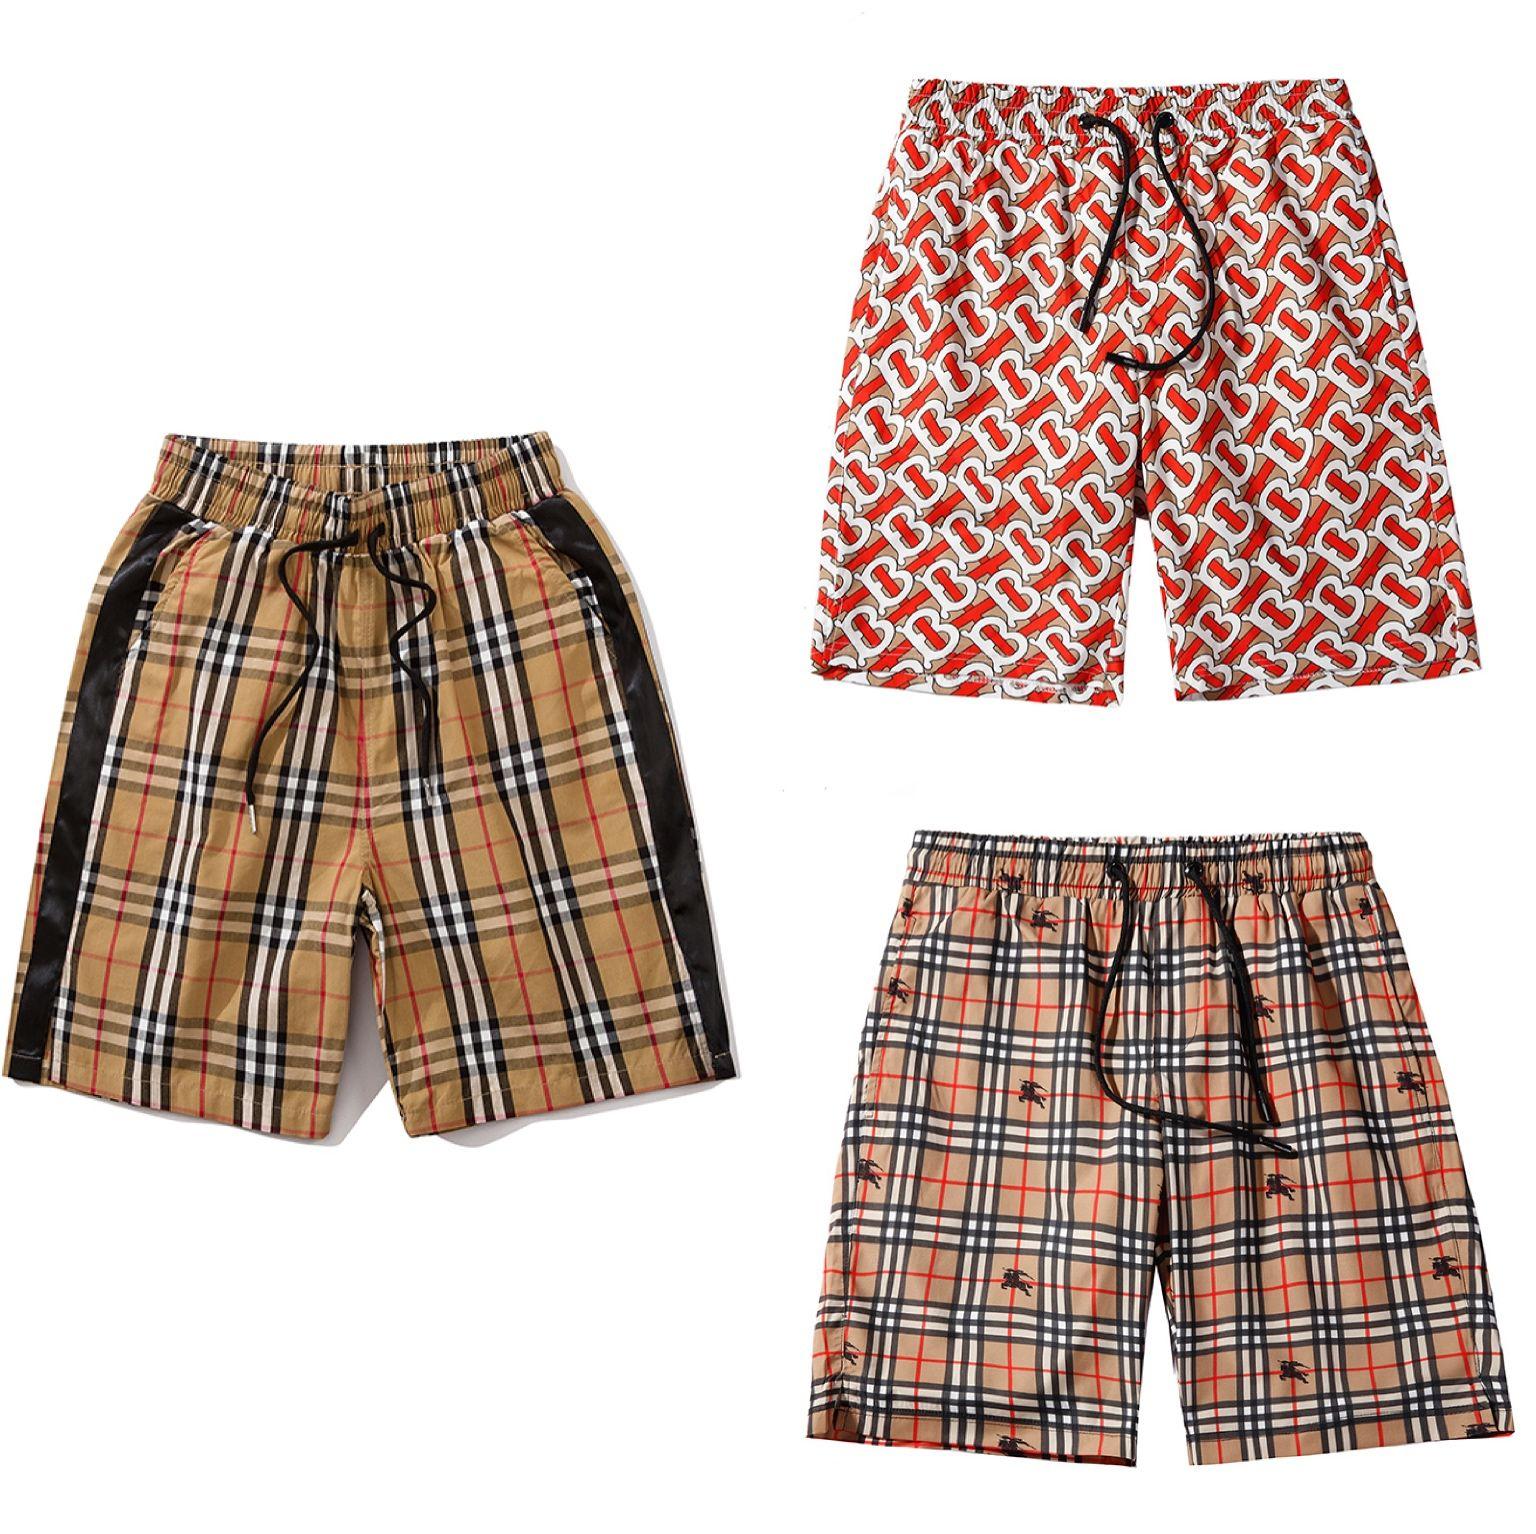 Mens Designer de Verão Shorts Pants Moda 3 Estilo impresso cordão Shorts 2019 Descontraído Homme Luxo Europa e América Sweatpants